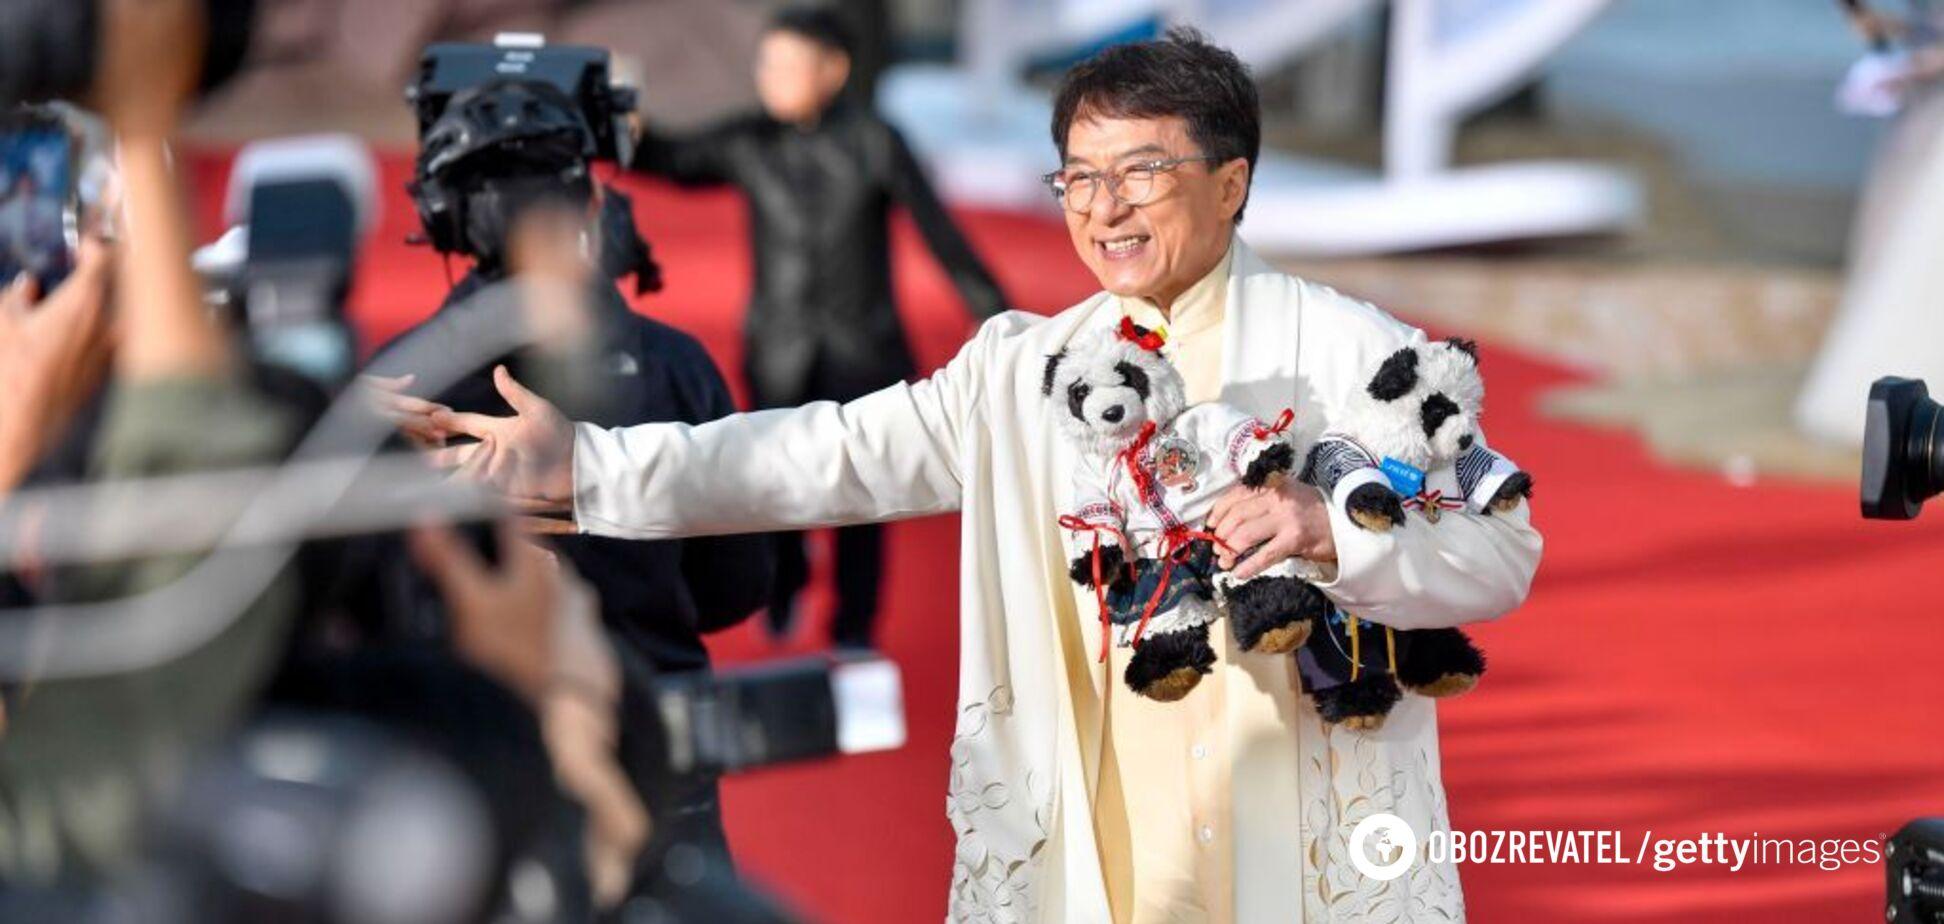 Джеки Чану - 65: как изменился один из самых популярных актеров боевиков